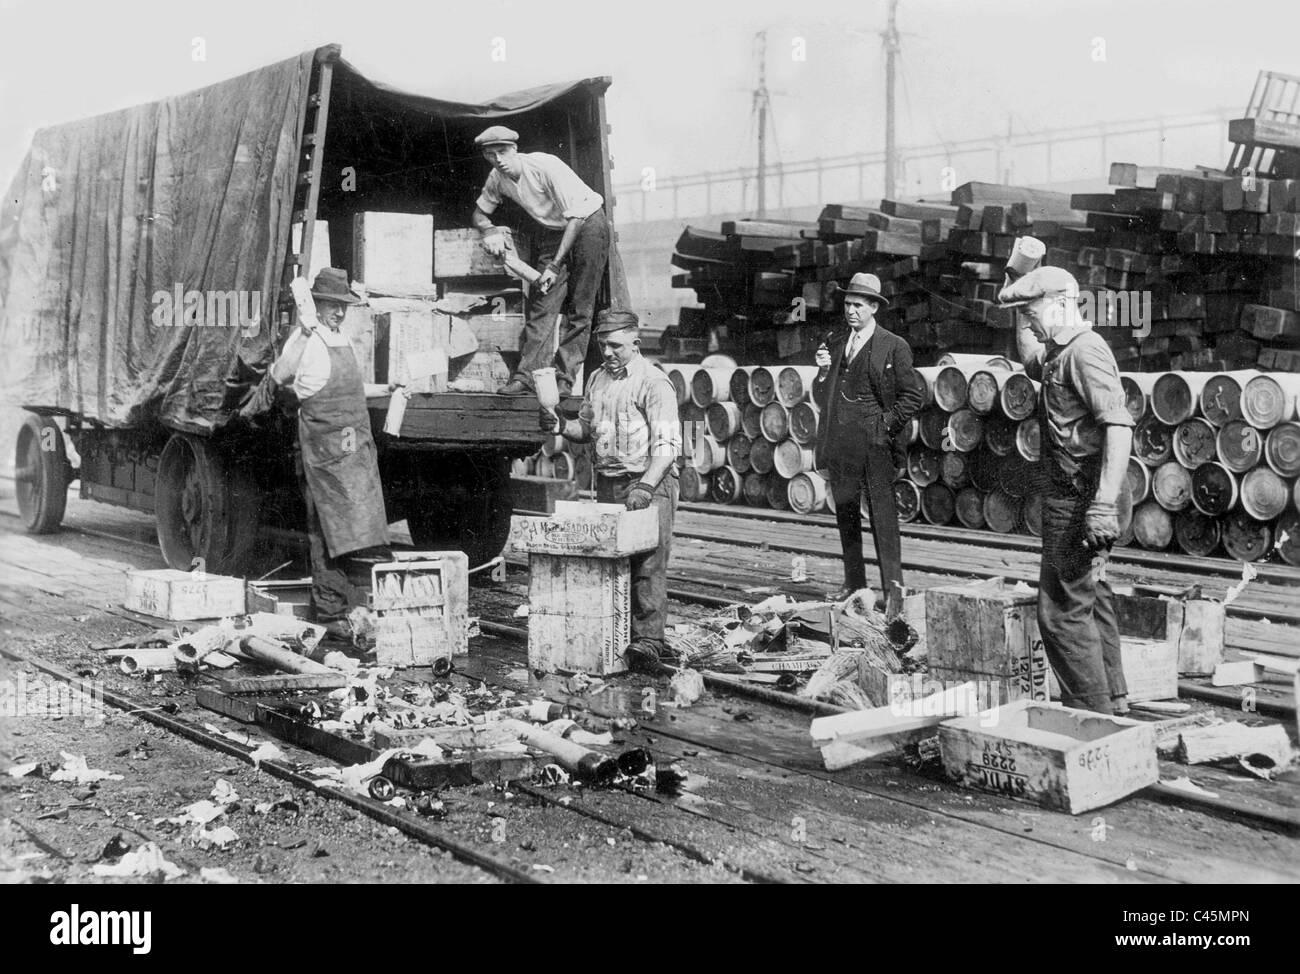 Zerstören den Alkohol zum Zeitpunkt des Verbots in New York, 1926 Stockbild